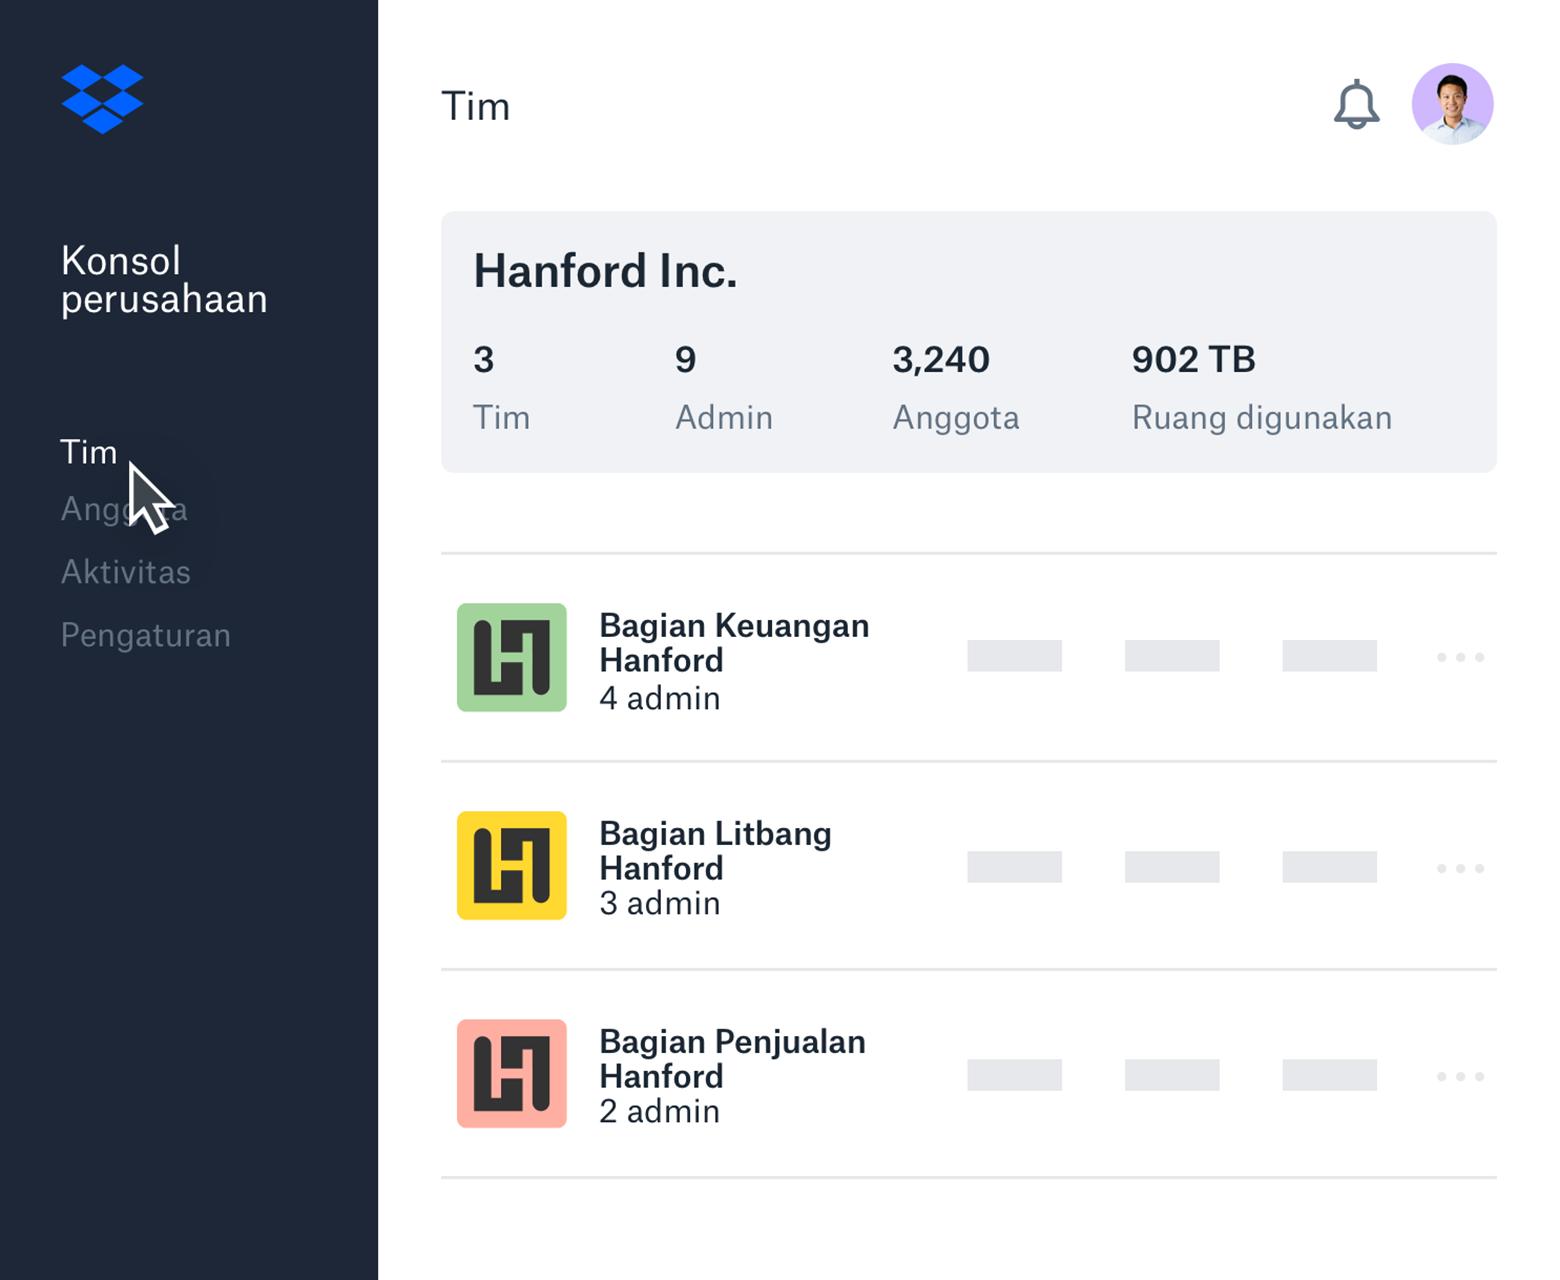 Contoh antarmuka konsol Dropbox untuk perusahaan dengan daftar sub tim dan gambaran anggota tim.